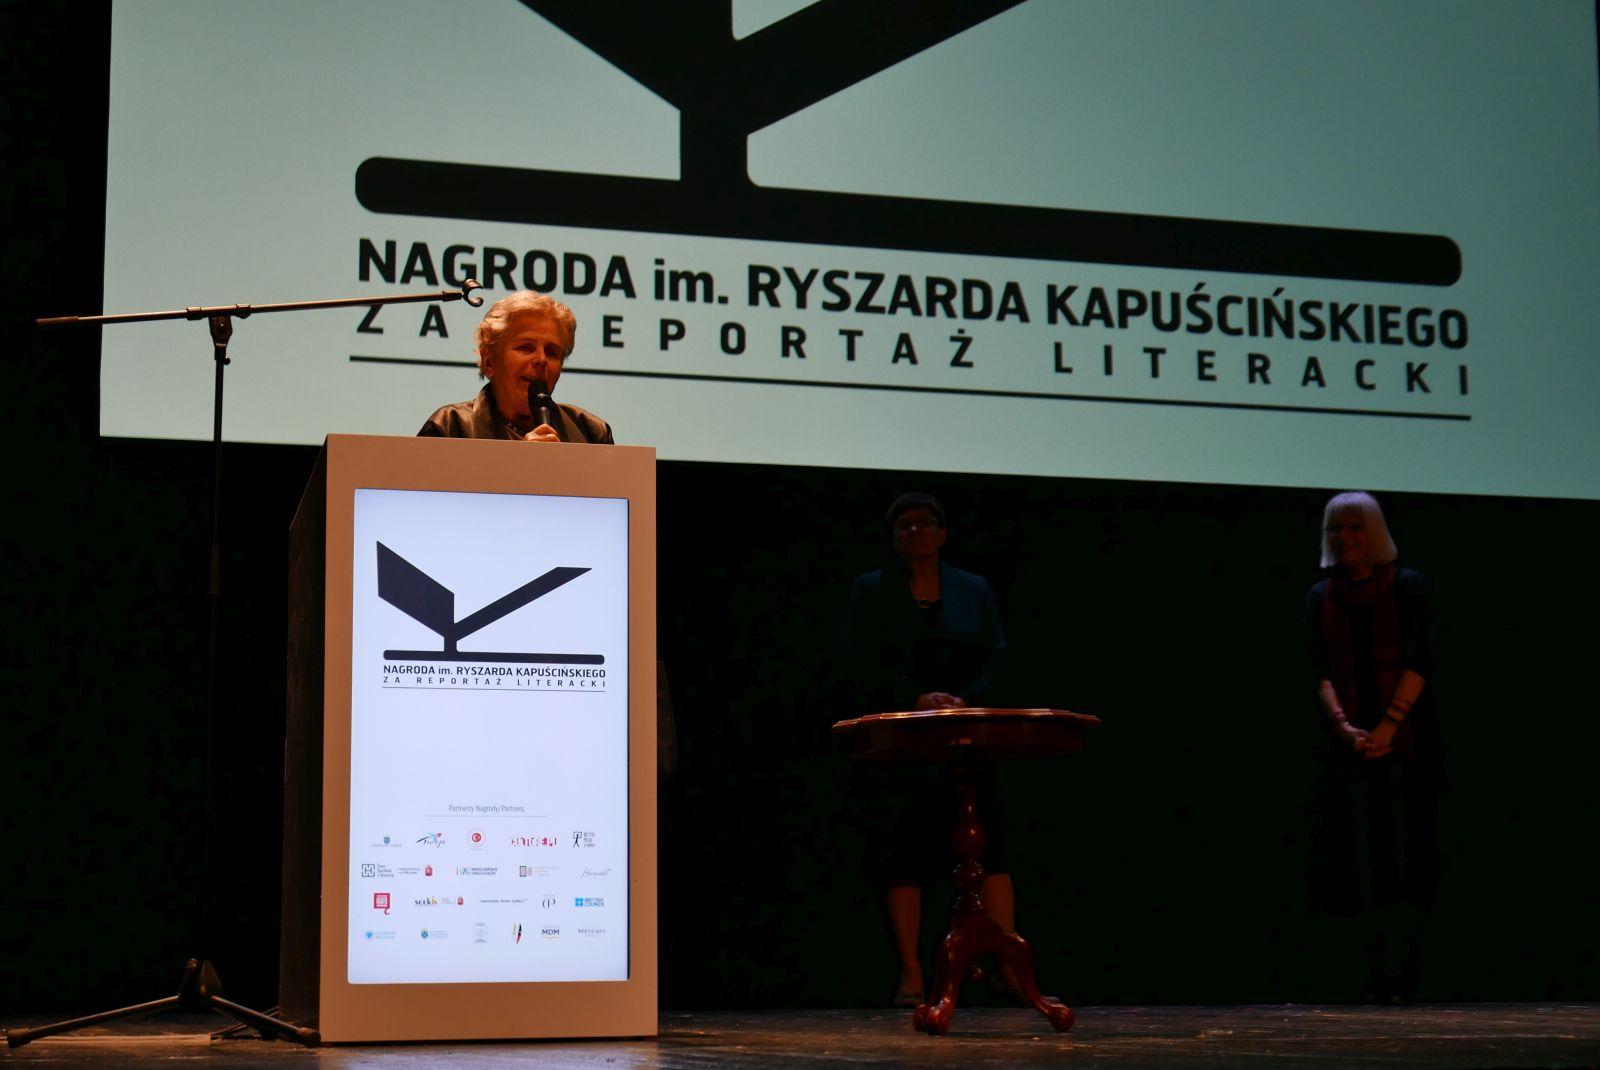 Alicja Kapuścińska, gala wręczenia Nagrody im. Ryszarda Kapuścińskiego